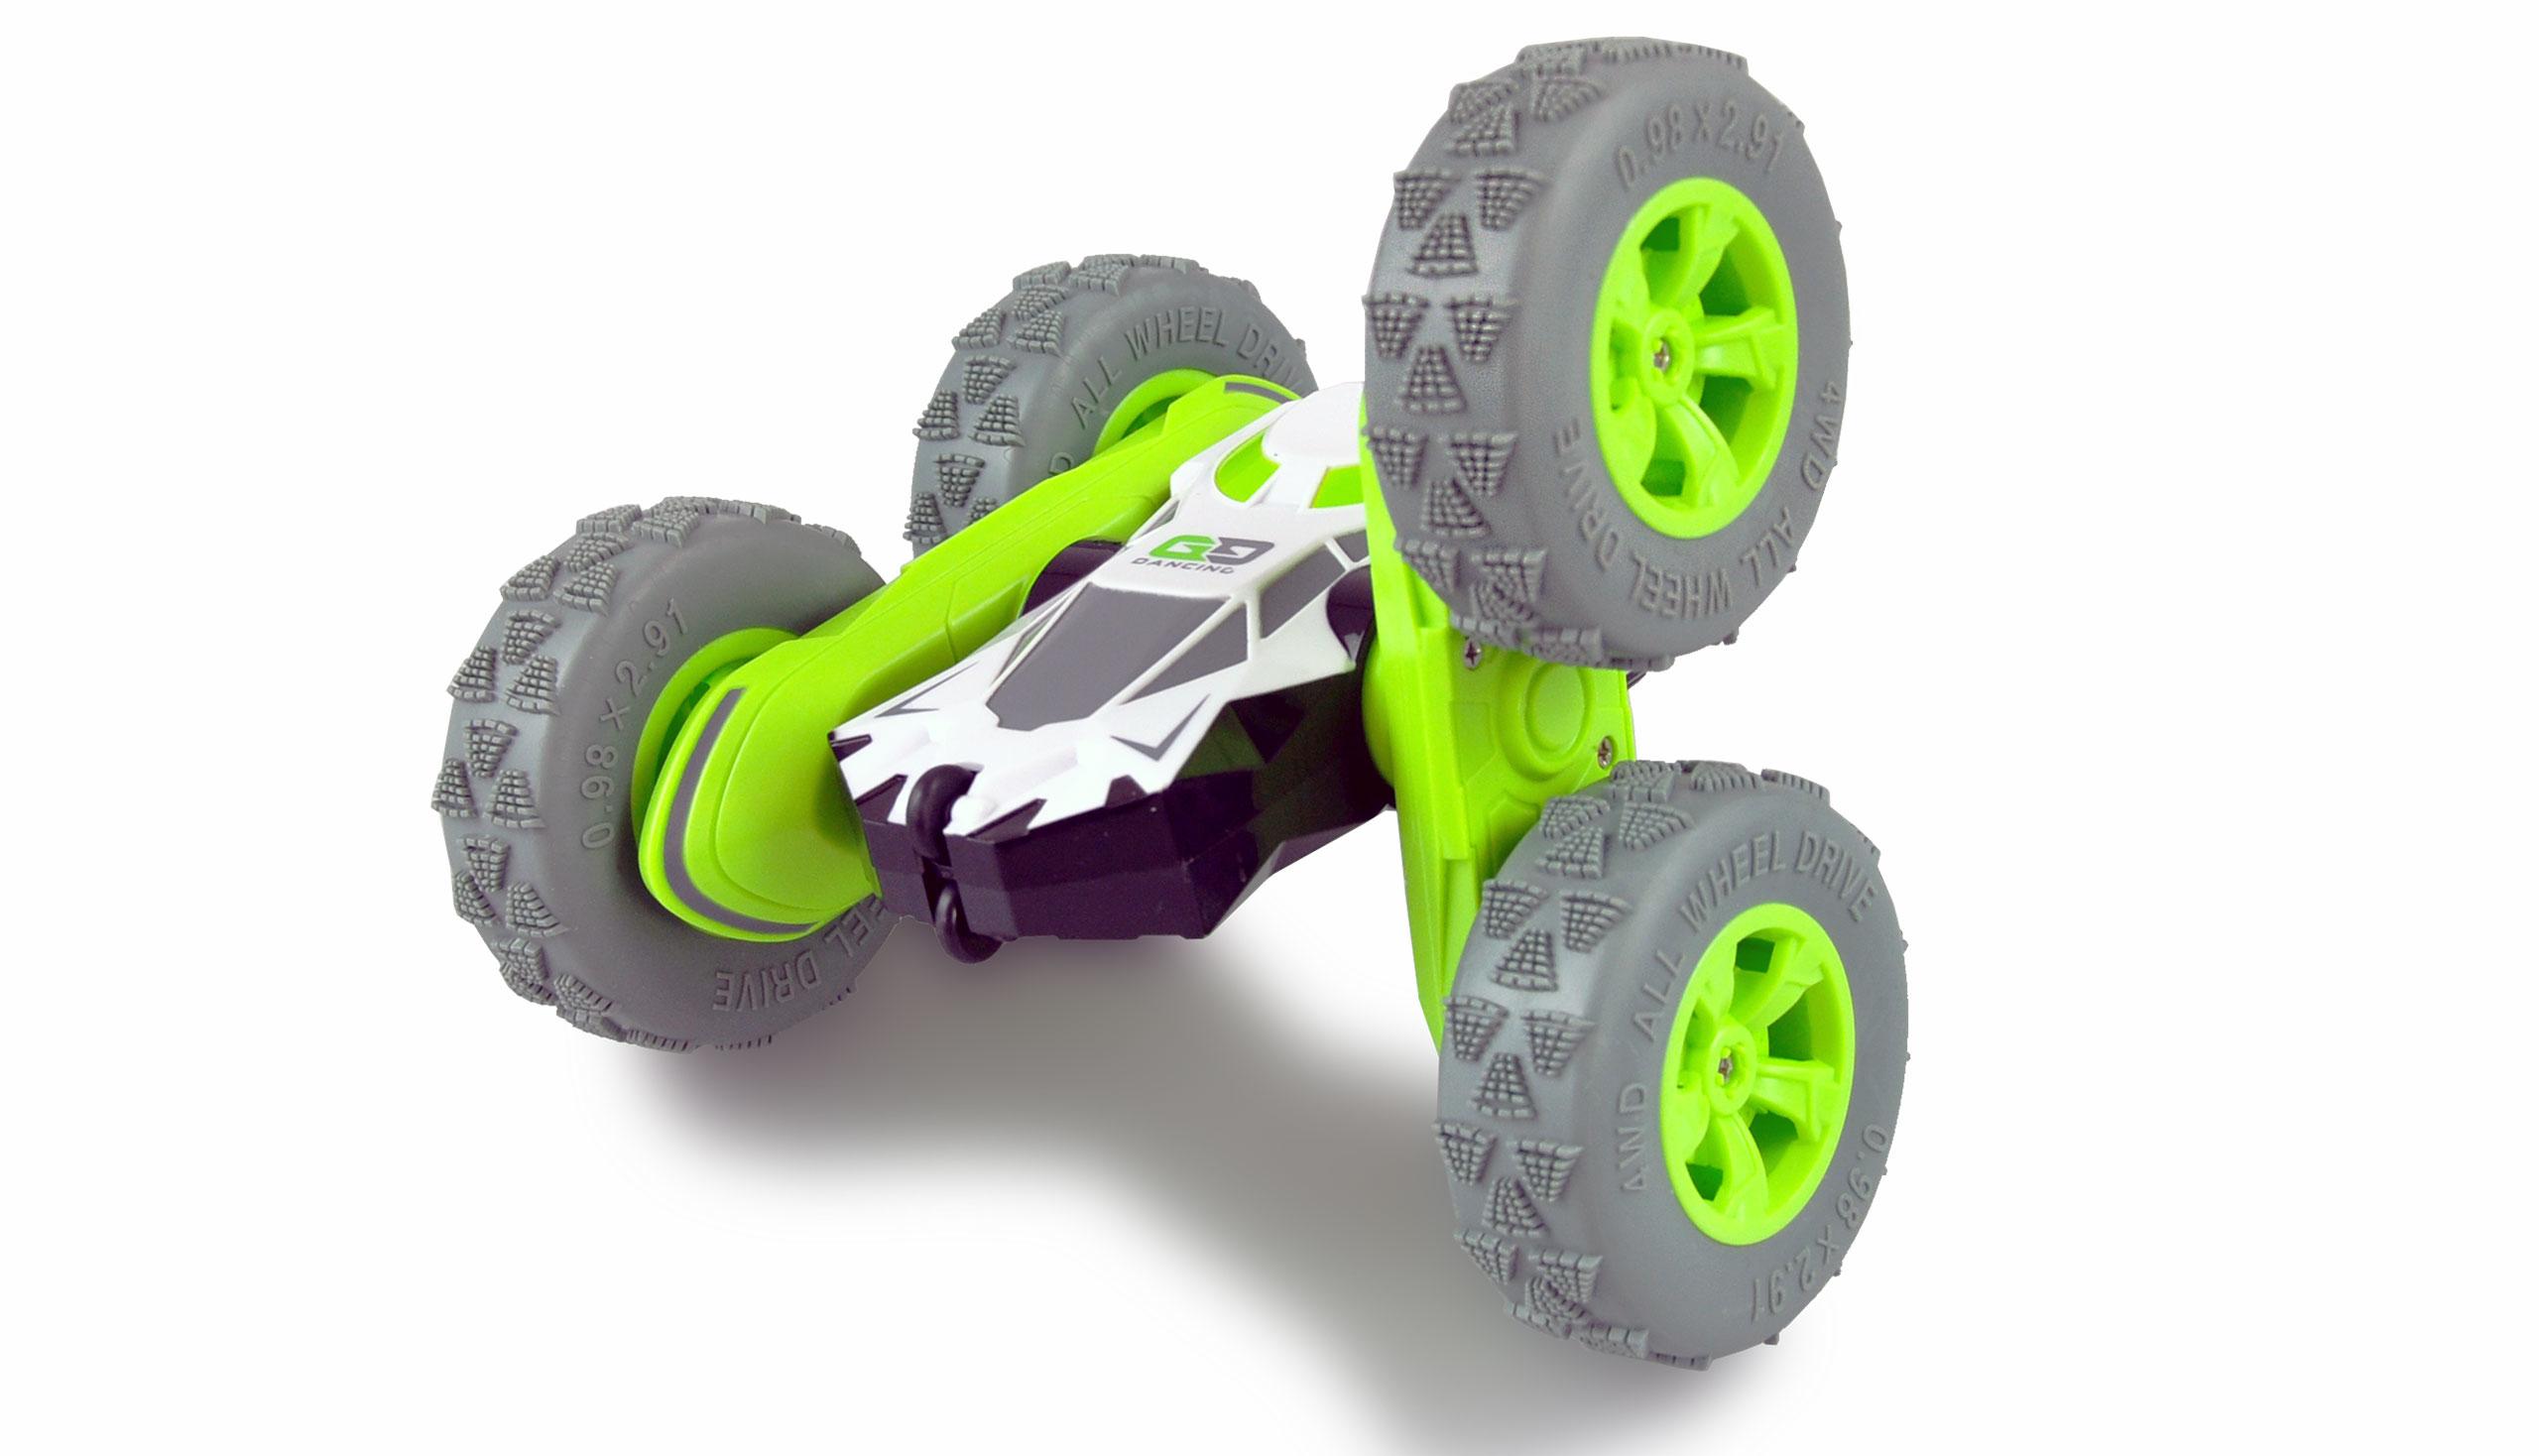 Vorschau: Amewi Big Spinstar Stuntfahrzeug - Stuntauto - 1:24 - Junge - 6 Jahr(e) - 700 mAh - 385 g